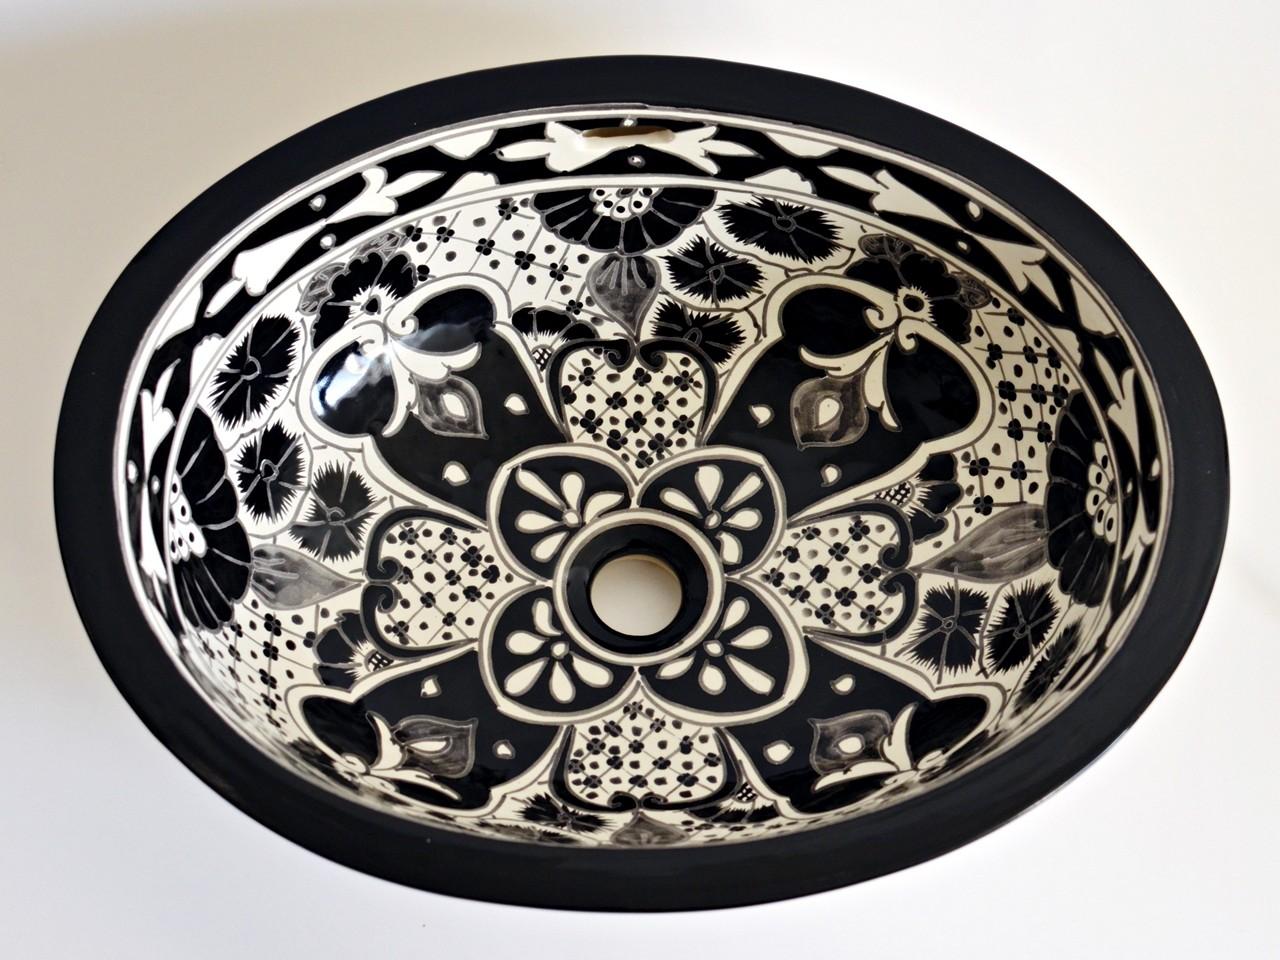 Santiago - Elegantes Einbauwaschbecken oval ca. 50x40 cm aus Mexiko in Schwarz-Weiß